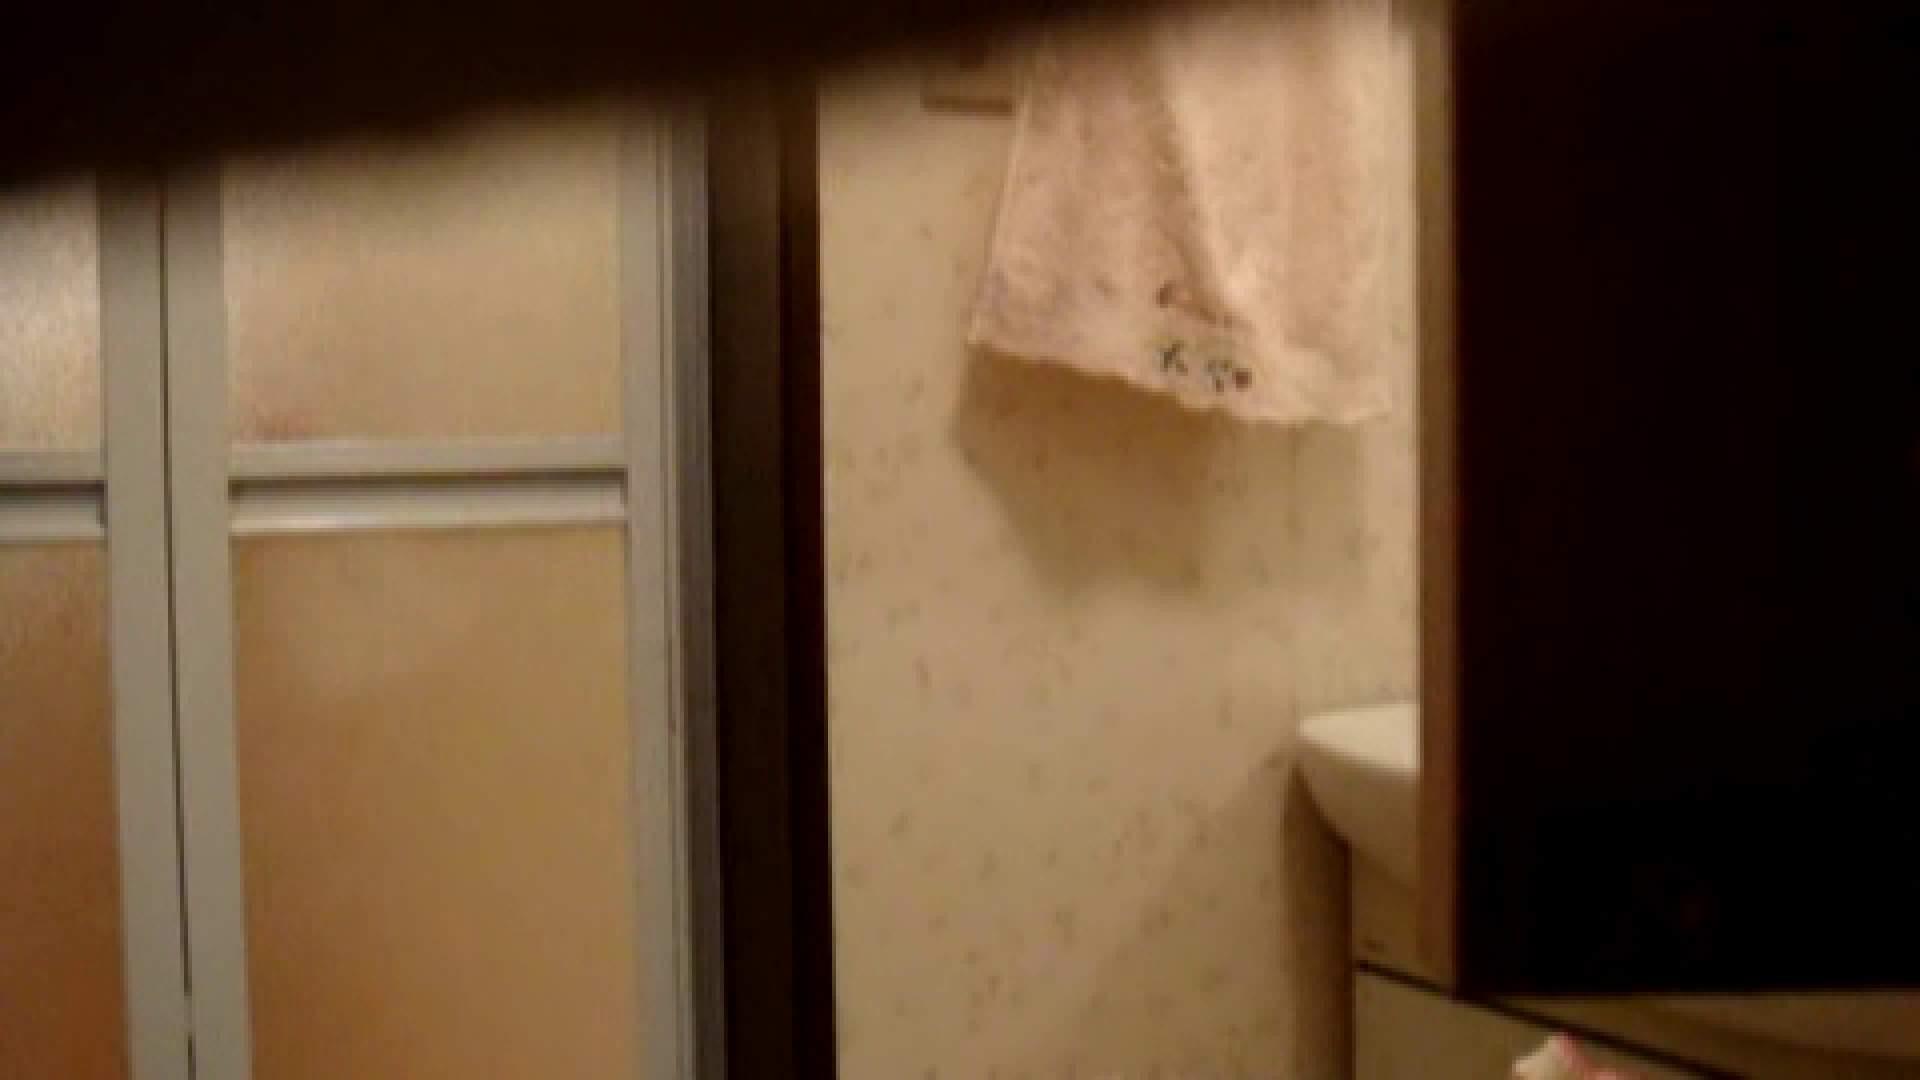 二人とも育てた甲斐がありました… vol.08 まどかの入浴中にカメラに気付いたか!? 入浴  84PIX 8